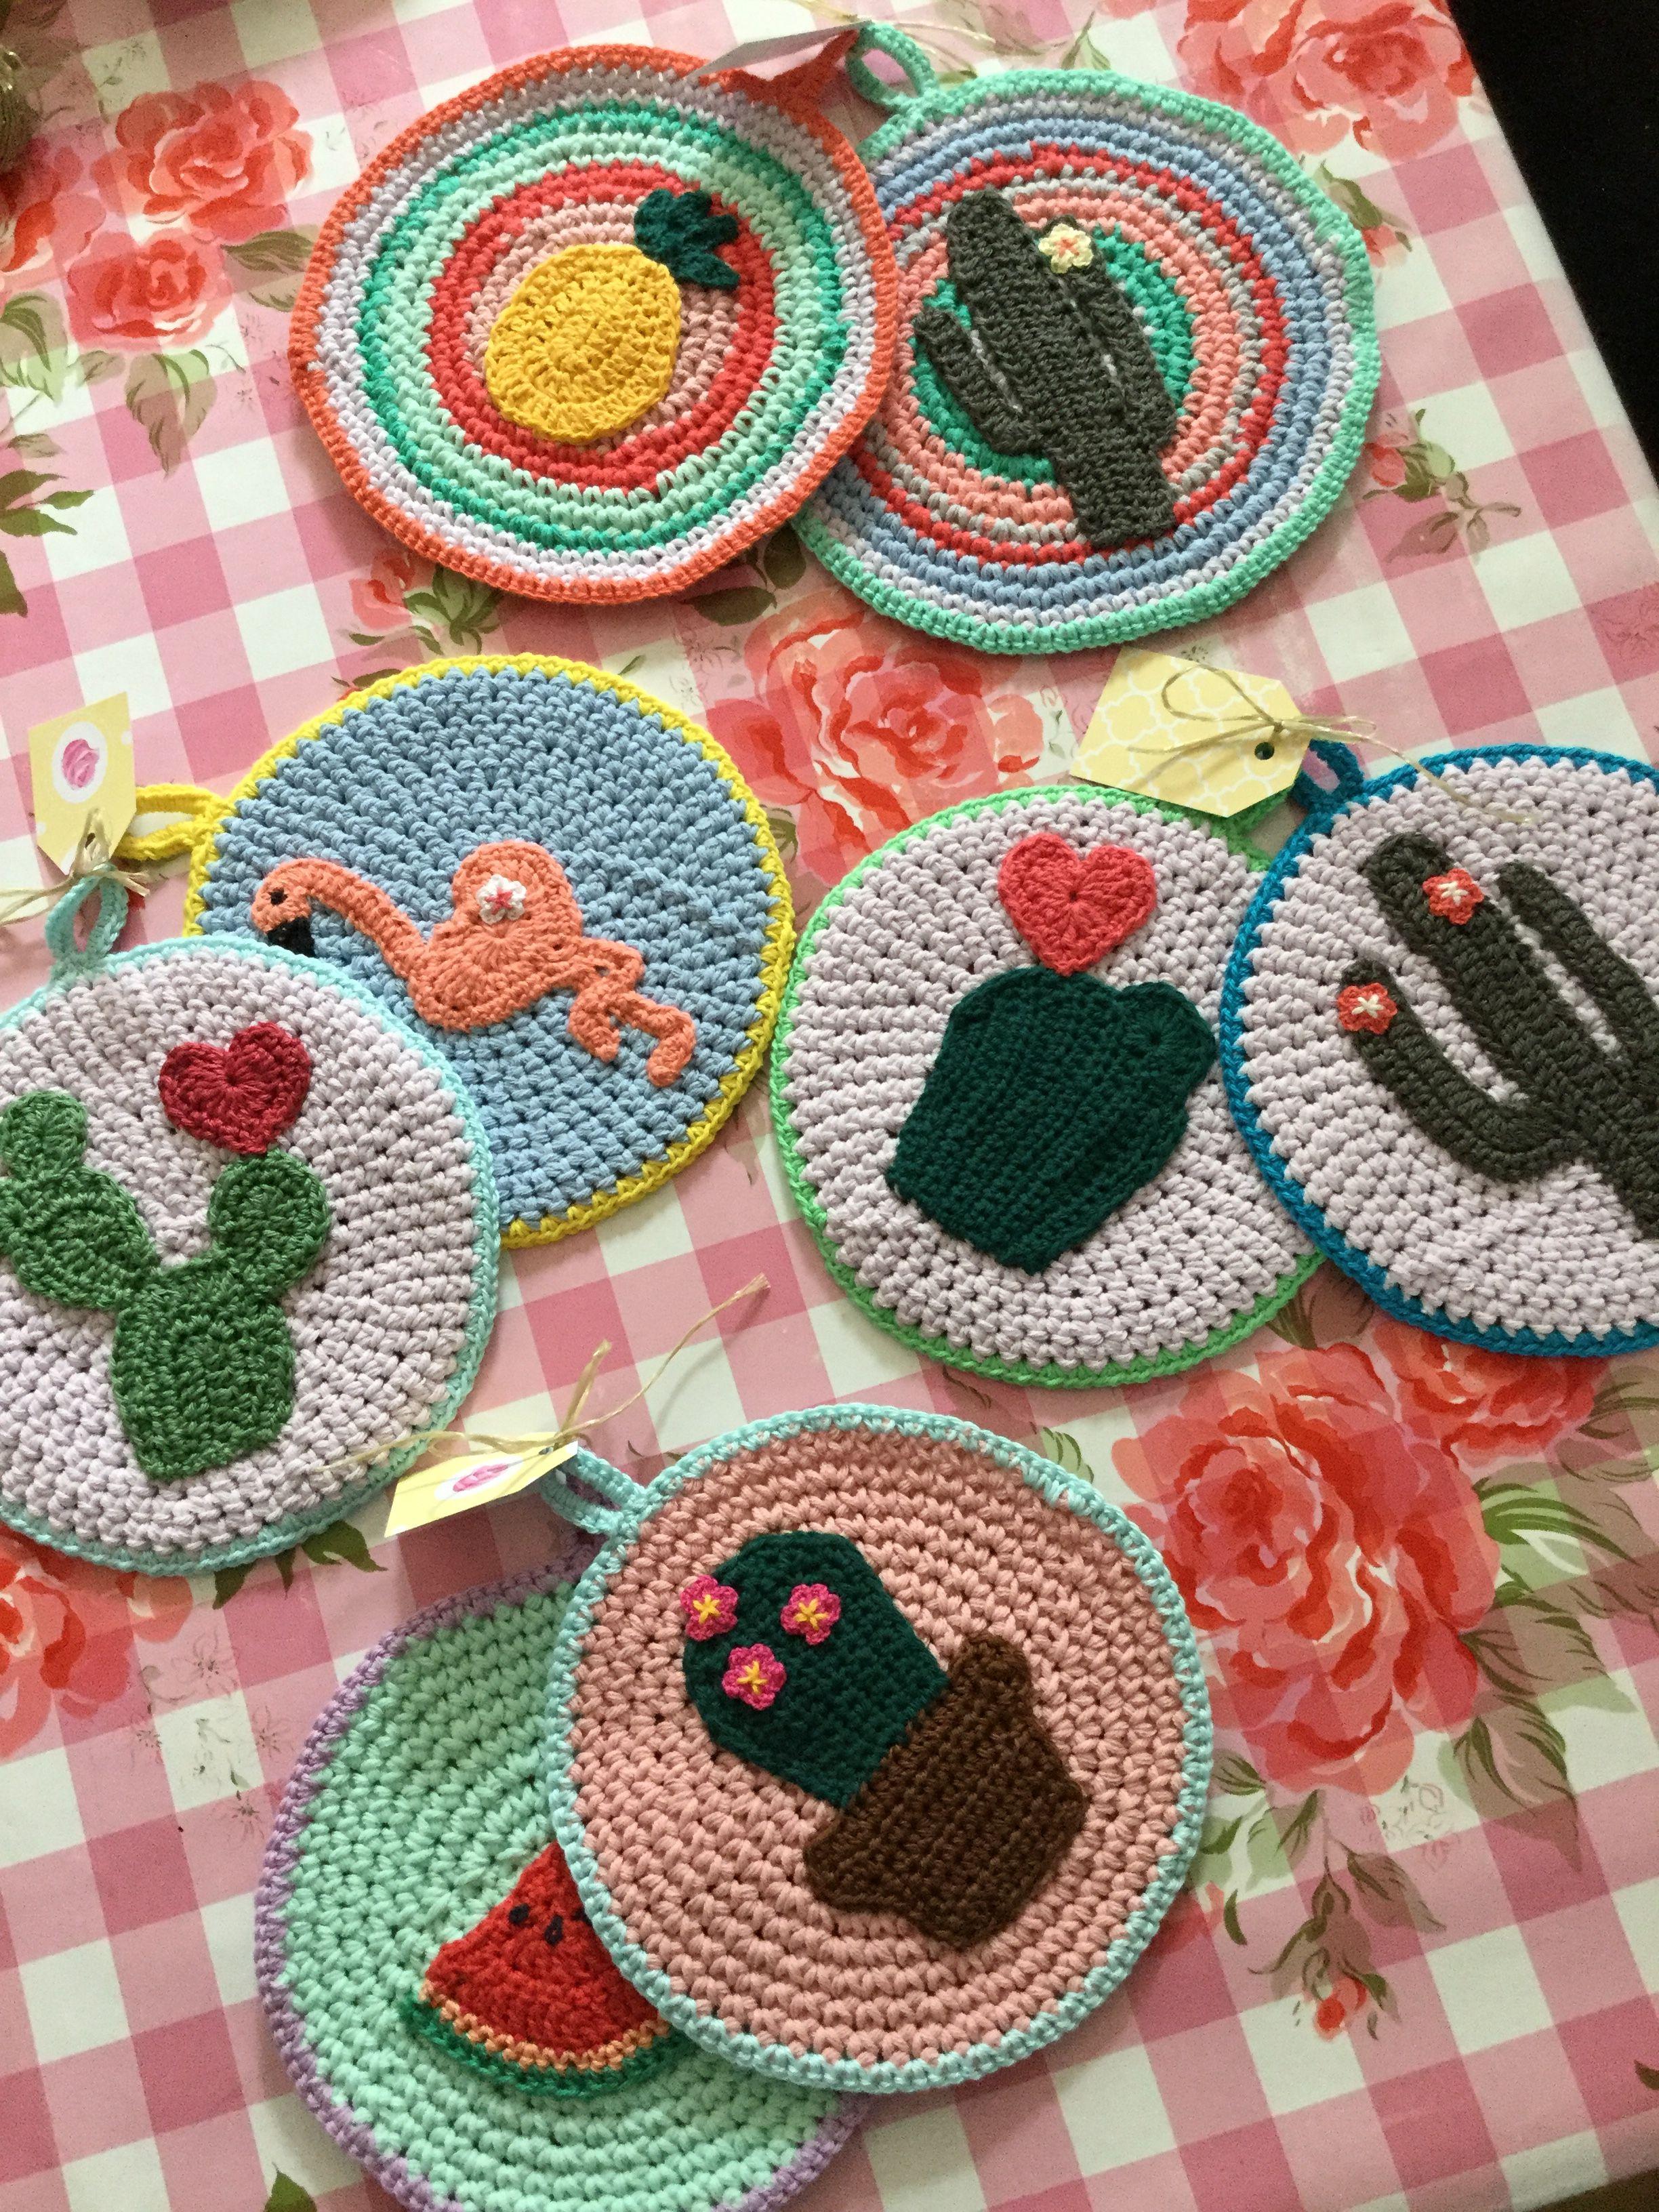 Crochet Potholders cactus | Crochet | Pinterest | Topflappen ...